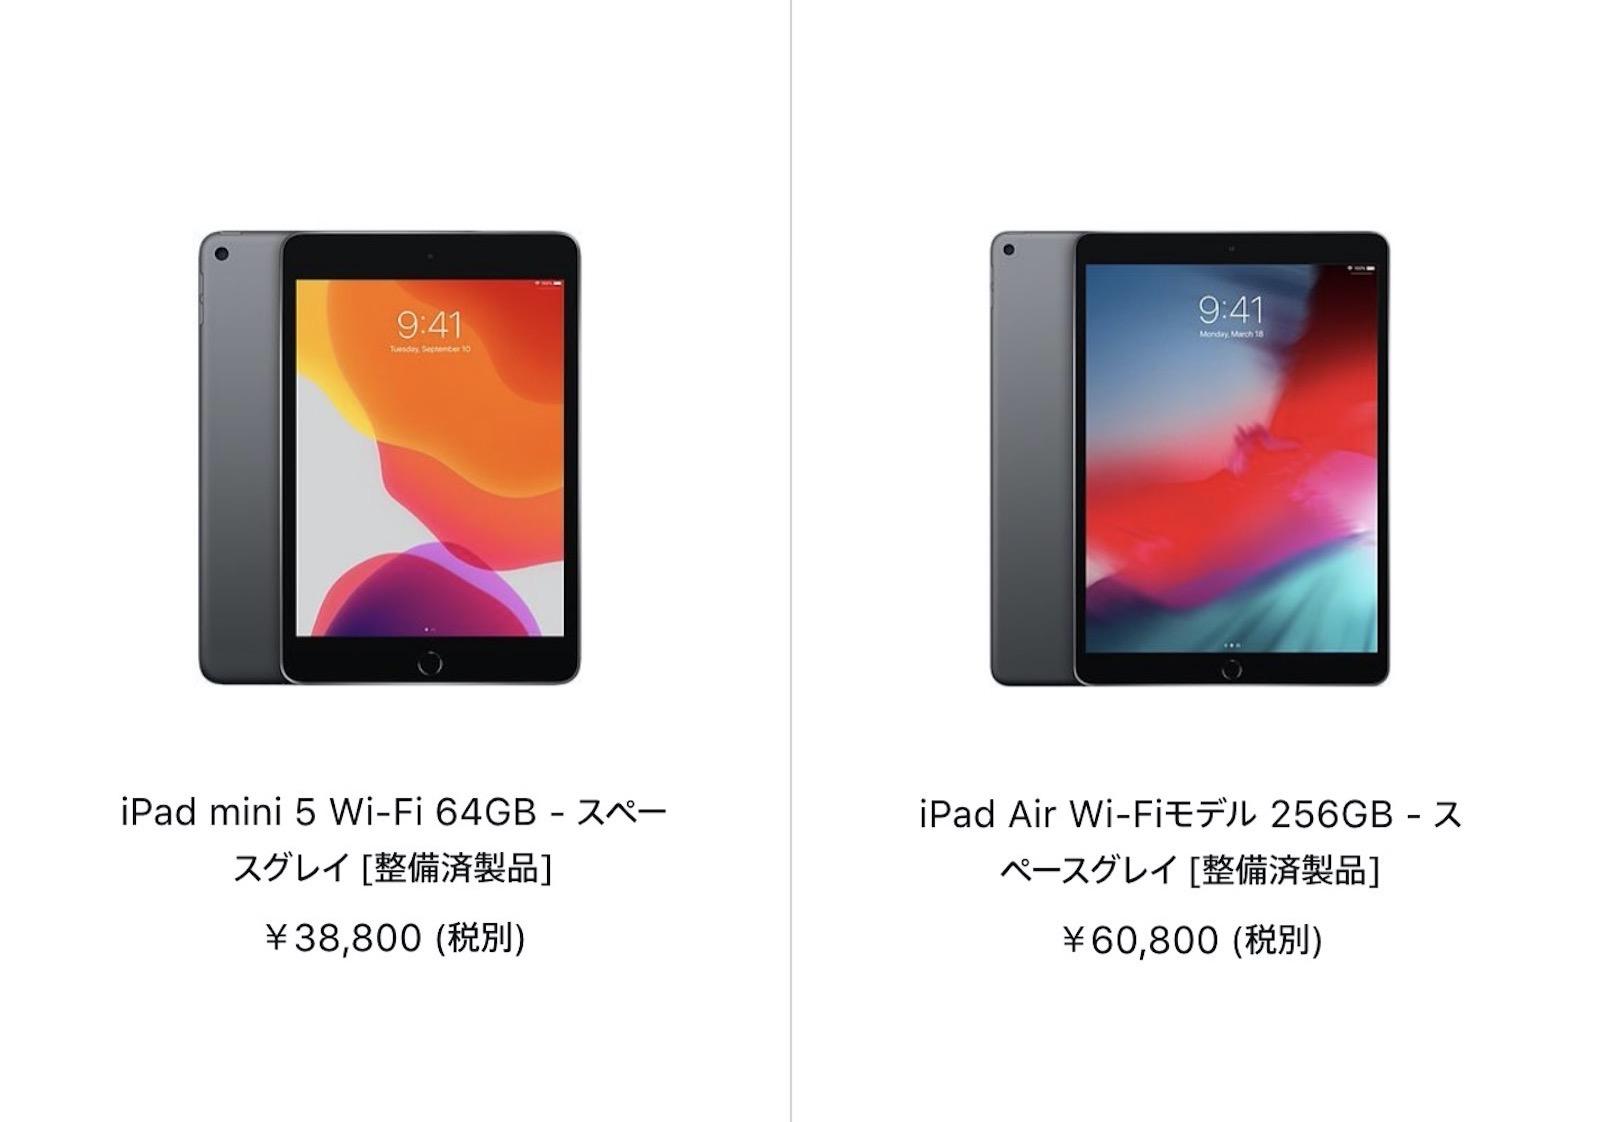 ipad-mini-5-and-ipad-air-2019.jpg